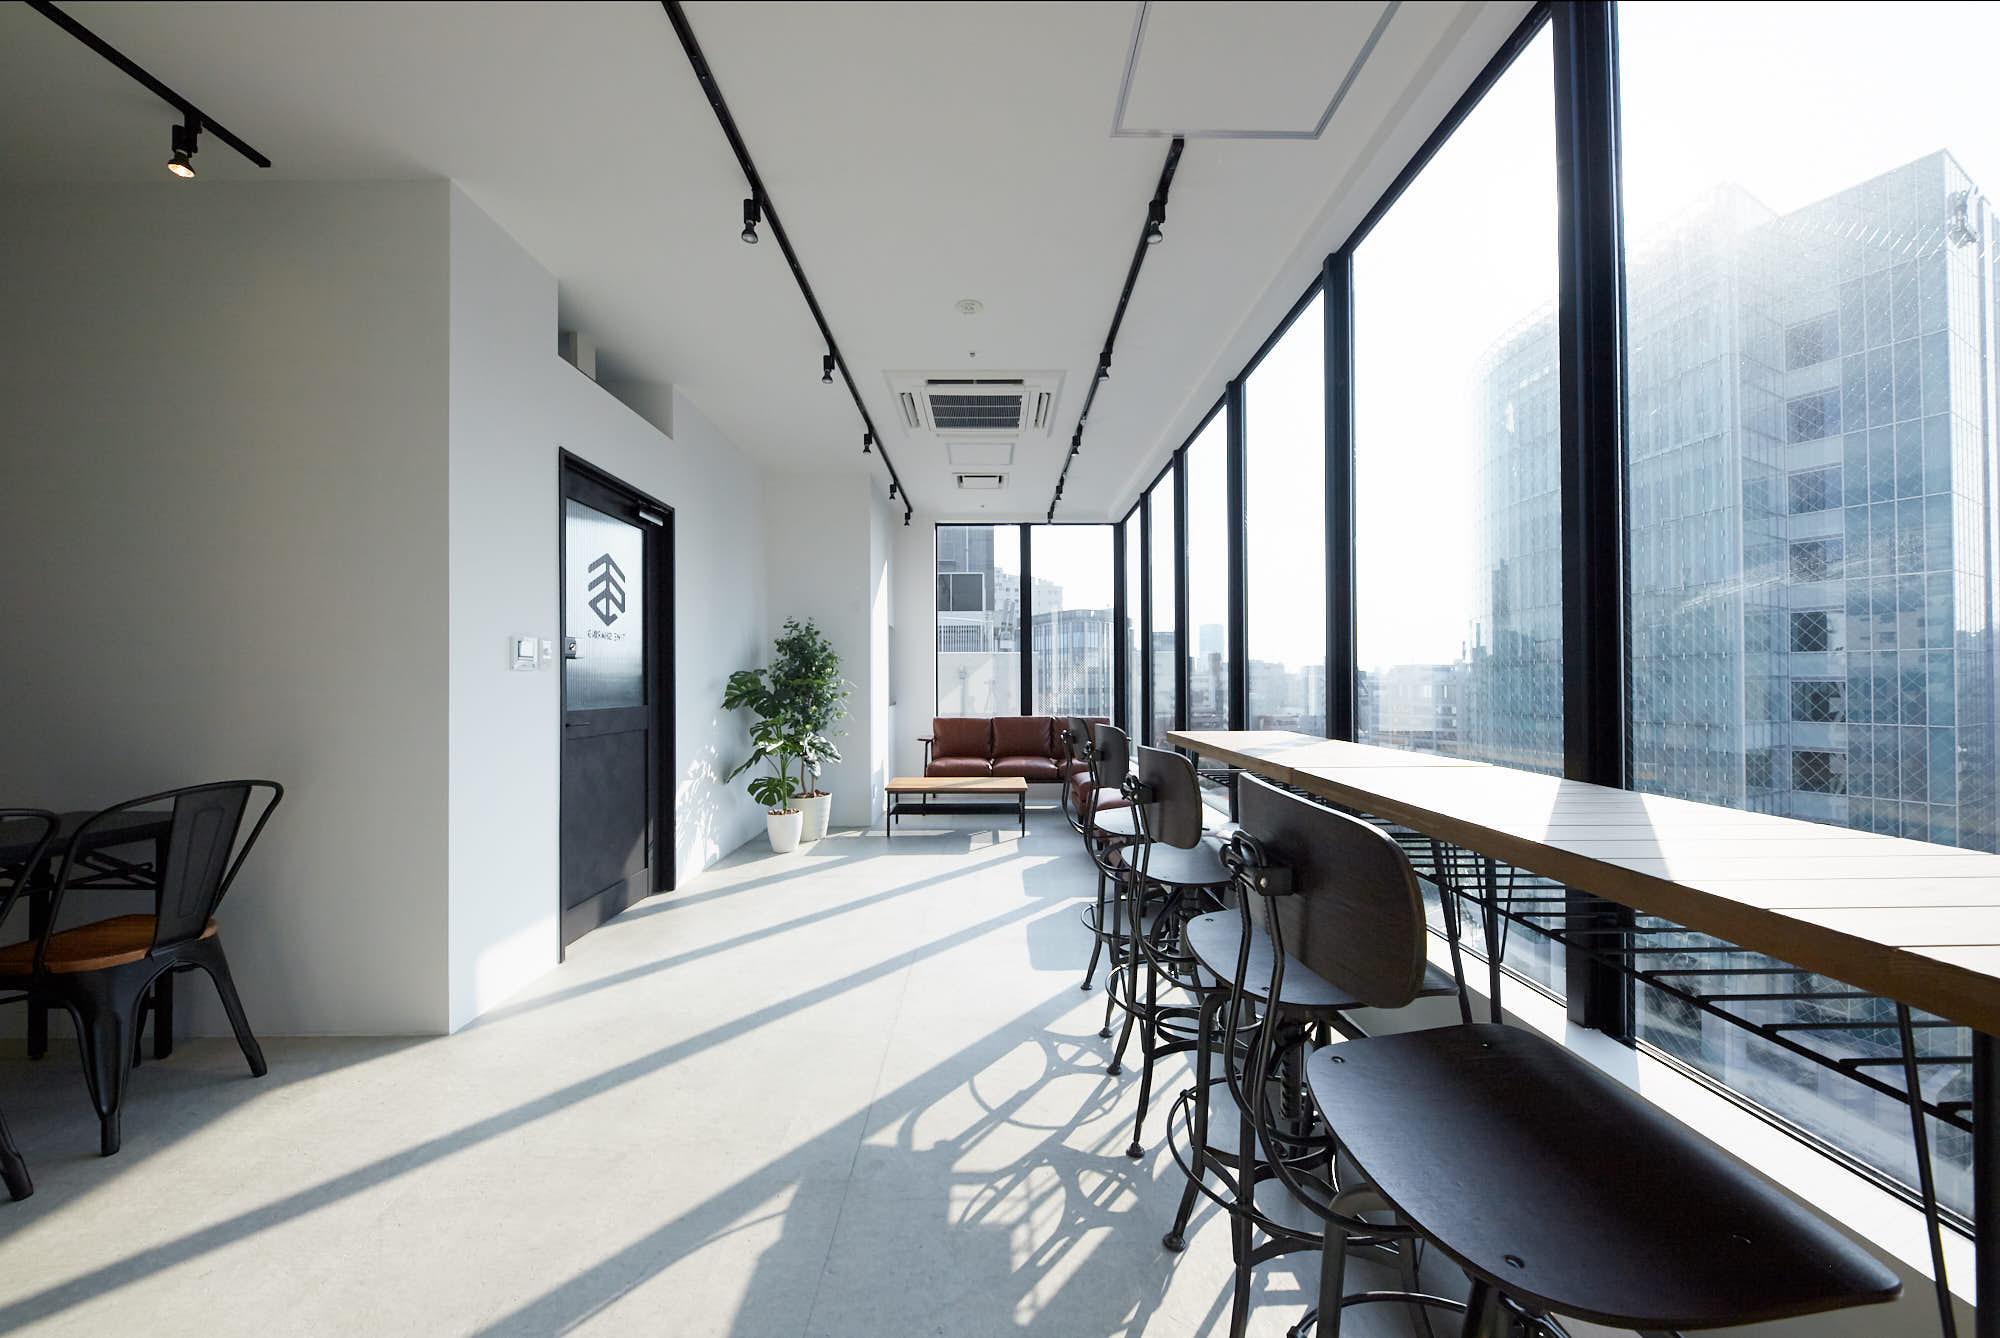 リモートワーカー必見!スペースのサブスク『Office Ticket(オフィスチケット)』で見つけるワークプレイス|TIME SHARING|タイムシェアリング|スペースマネジメント|あどばる|adval|SHARING